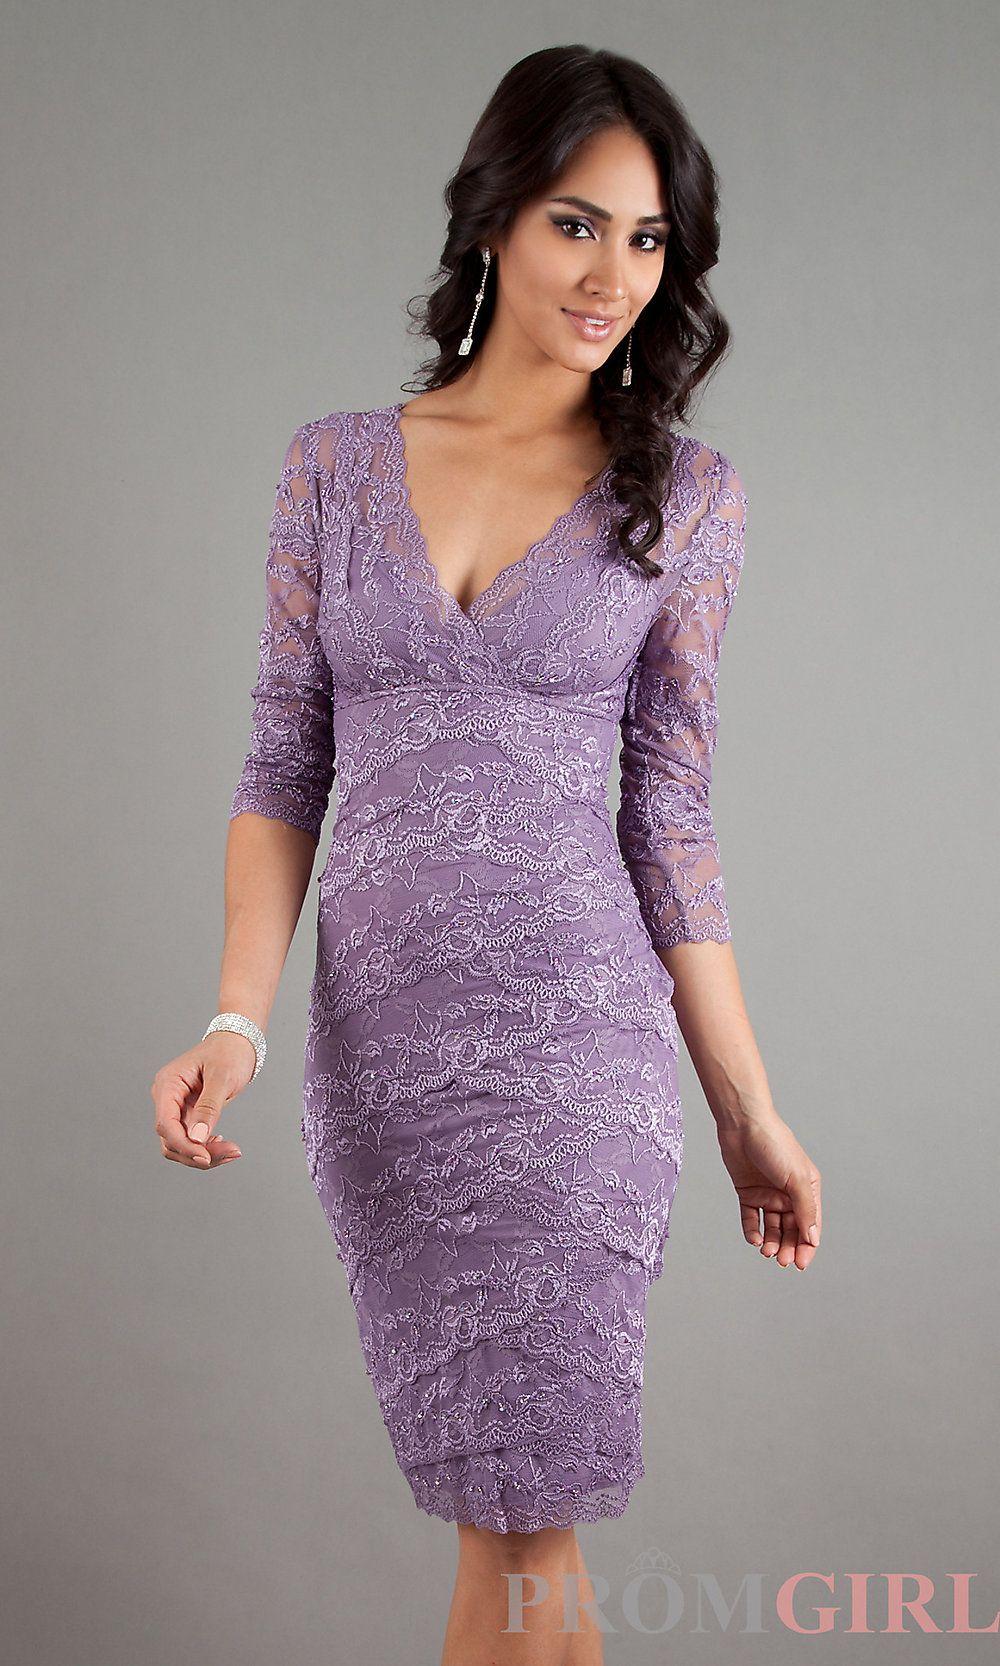 Short sleeve dresses for wedding guests  amethystdressJUMAag  pixels  Antique